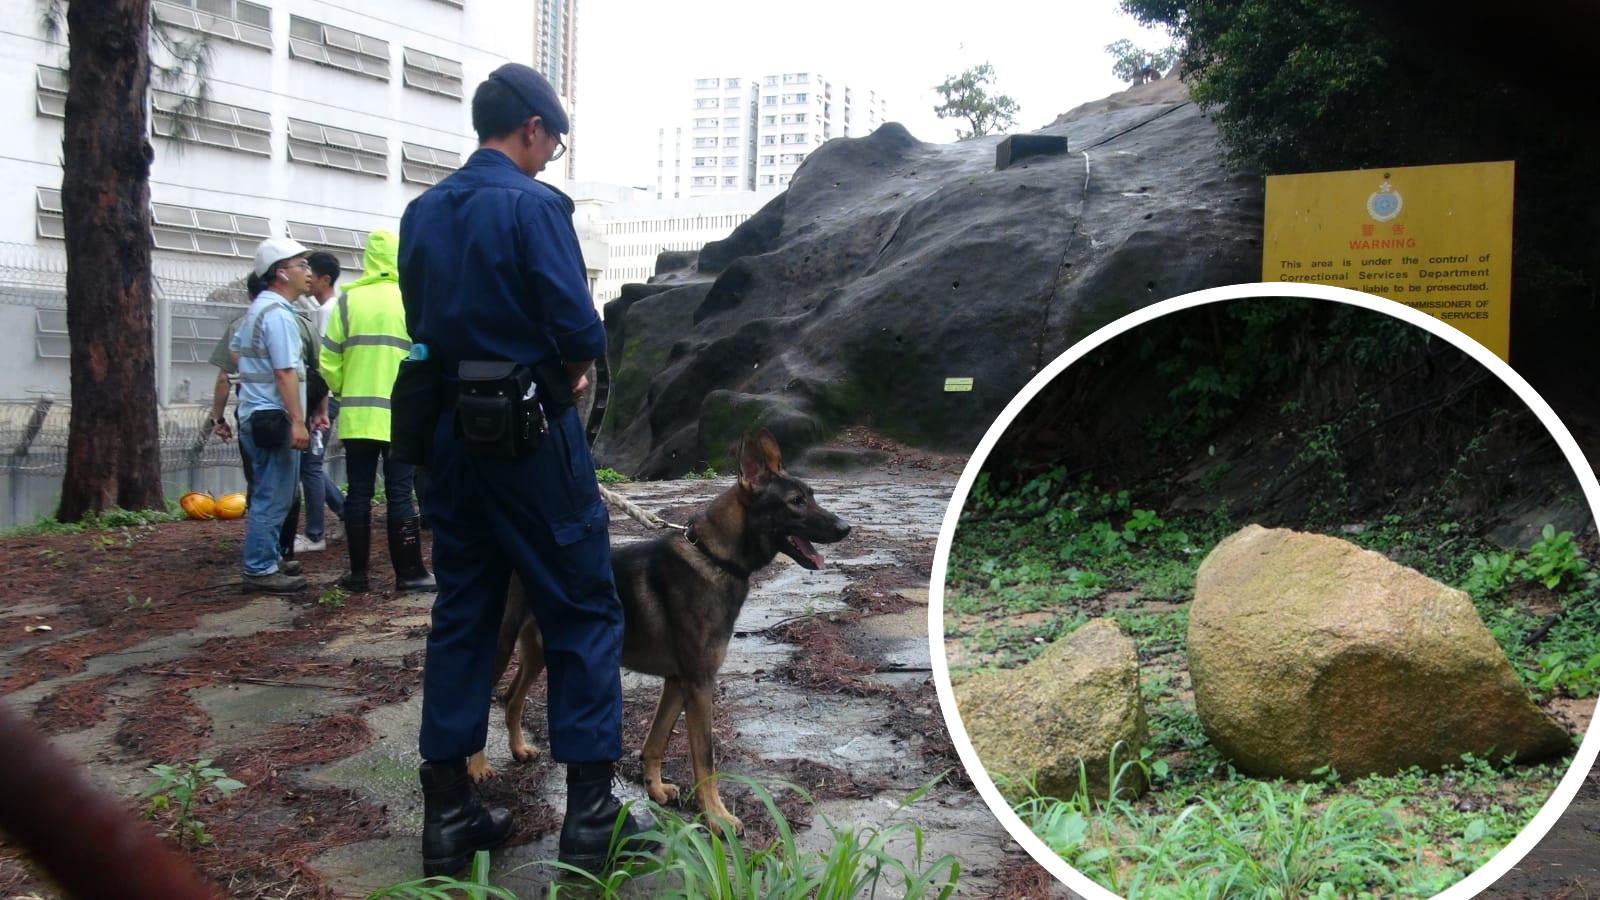 荔枝角收押所後山有大石滾下撞毀圍網,懲教署職員出動警衞犬戒備。林思明攝